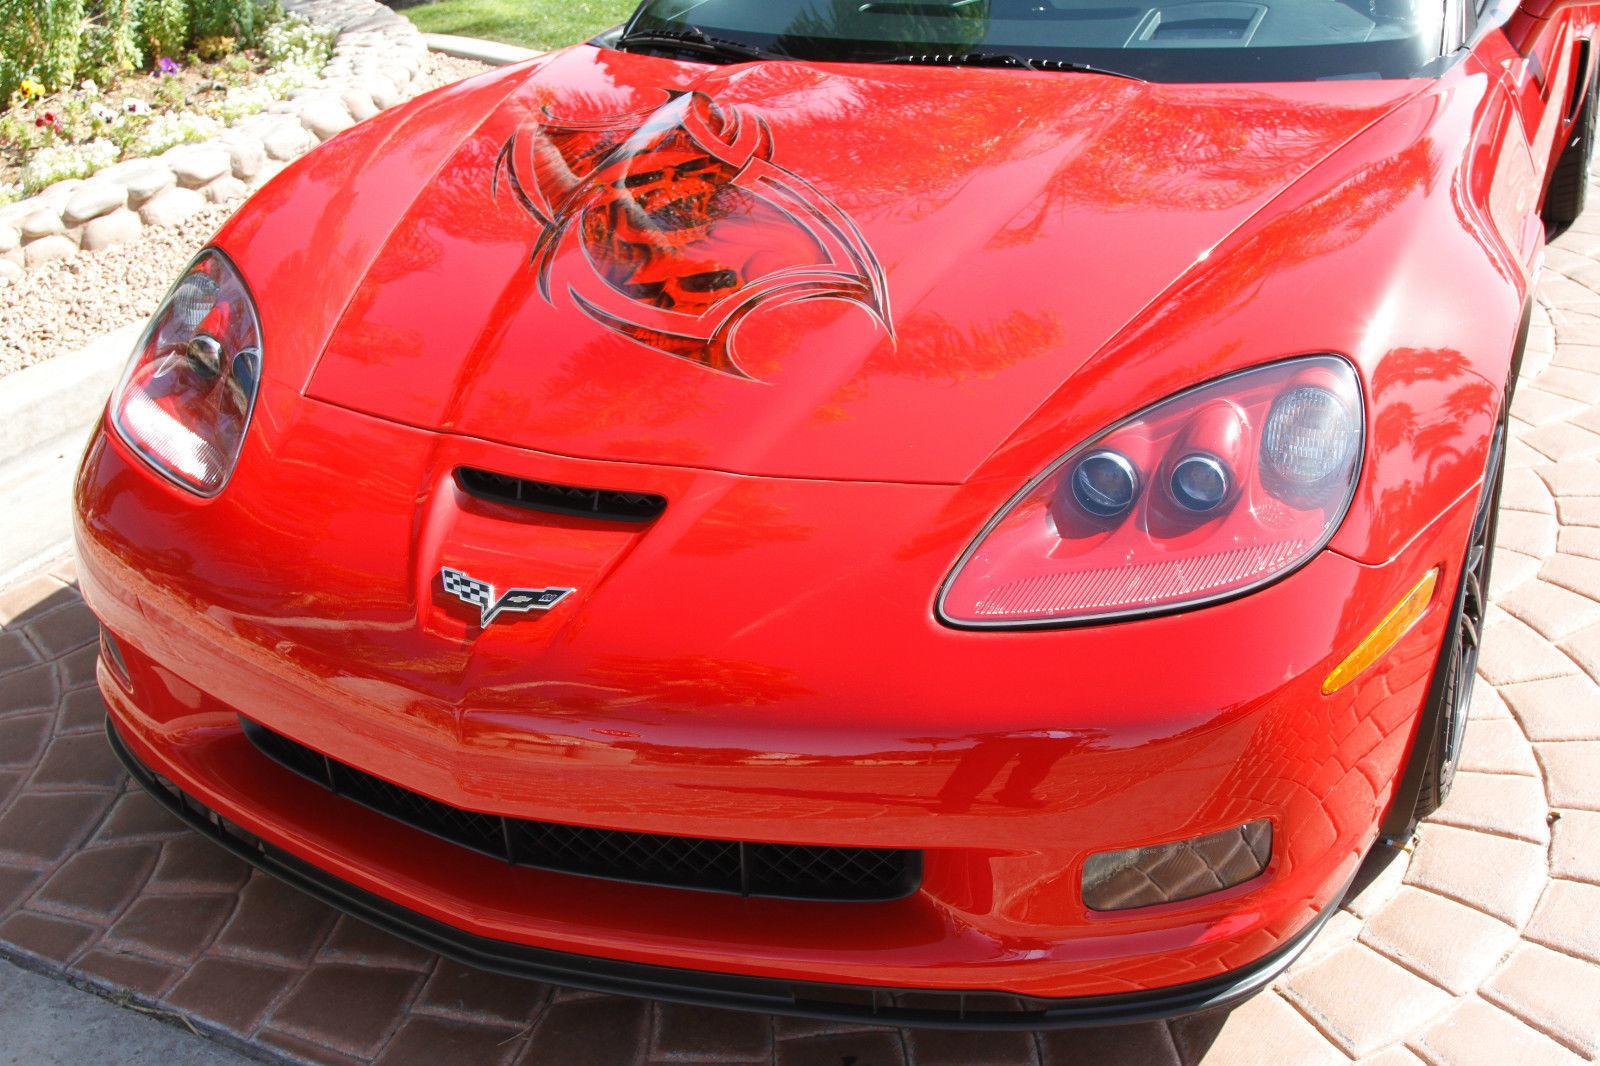 2008 chevrolet corvette z06 airbrushed for sale. Black Bedroom Furniture Sets. Home Design Ideas